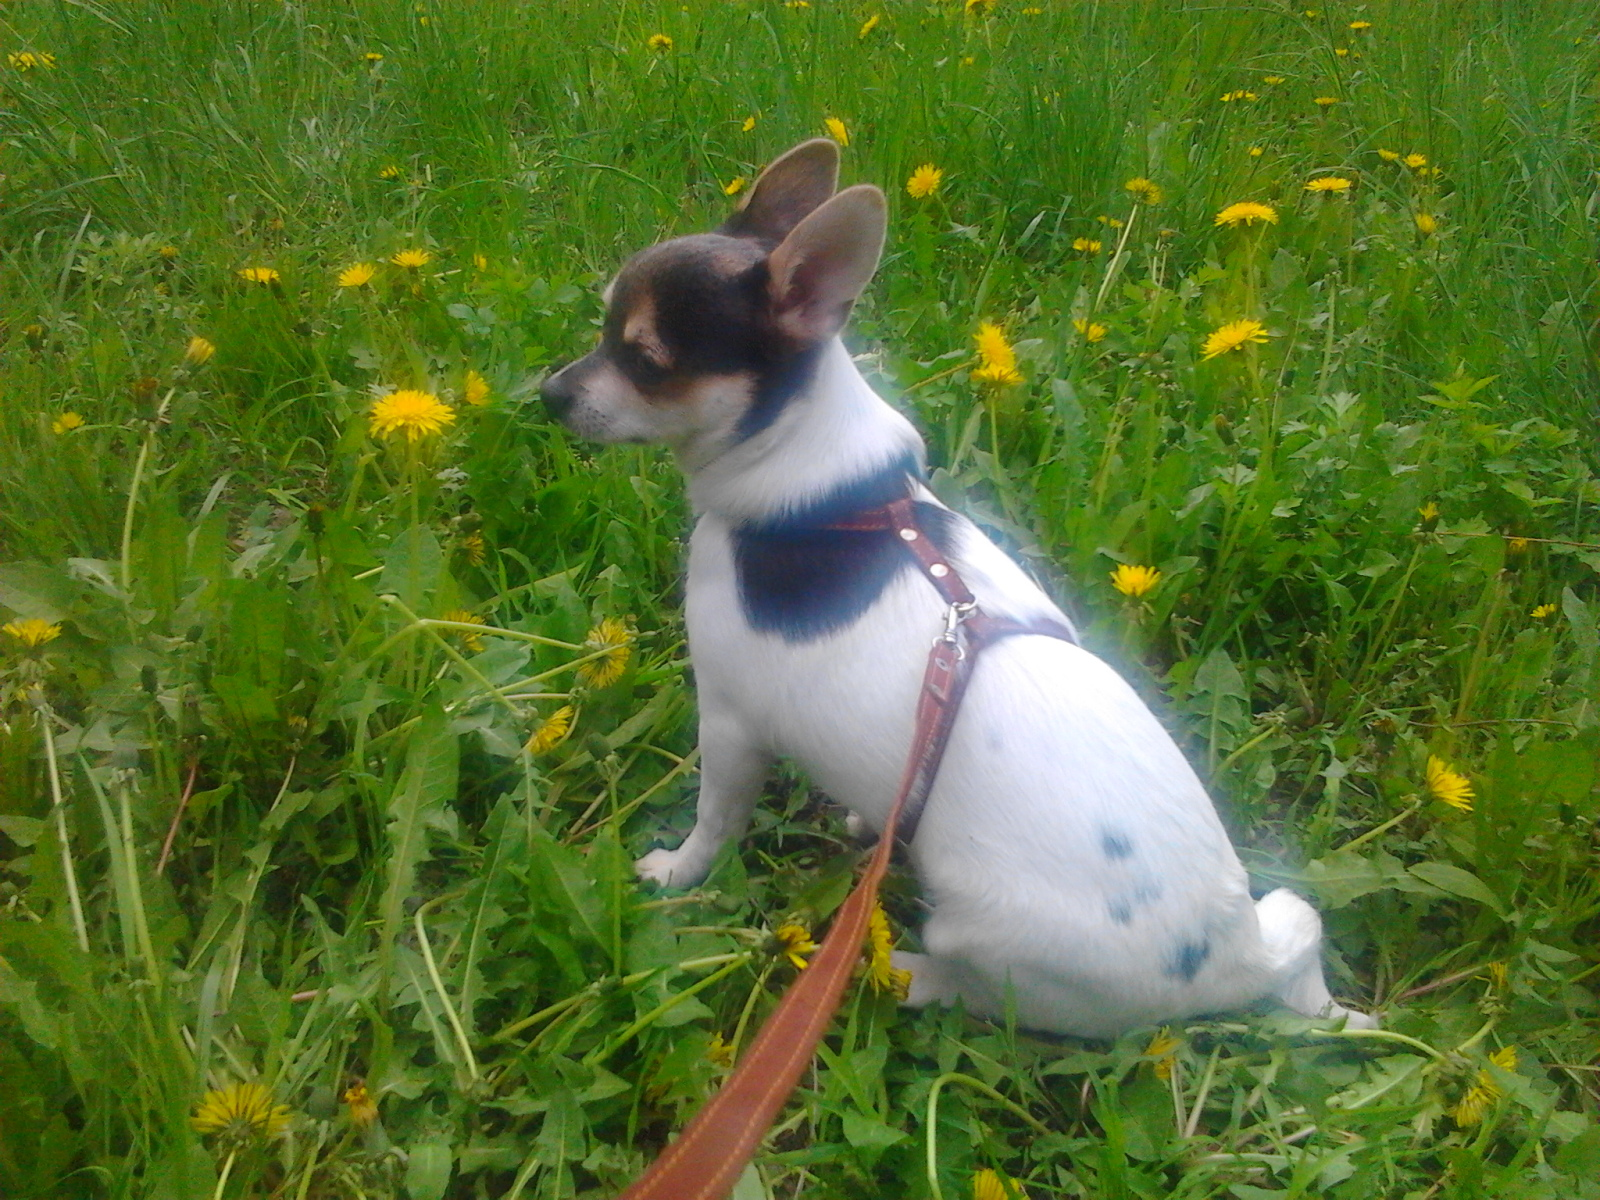 Идентификация собаки -чихуа или нет? - Страница 2 2rrb1pz